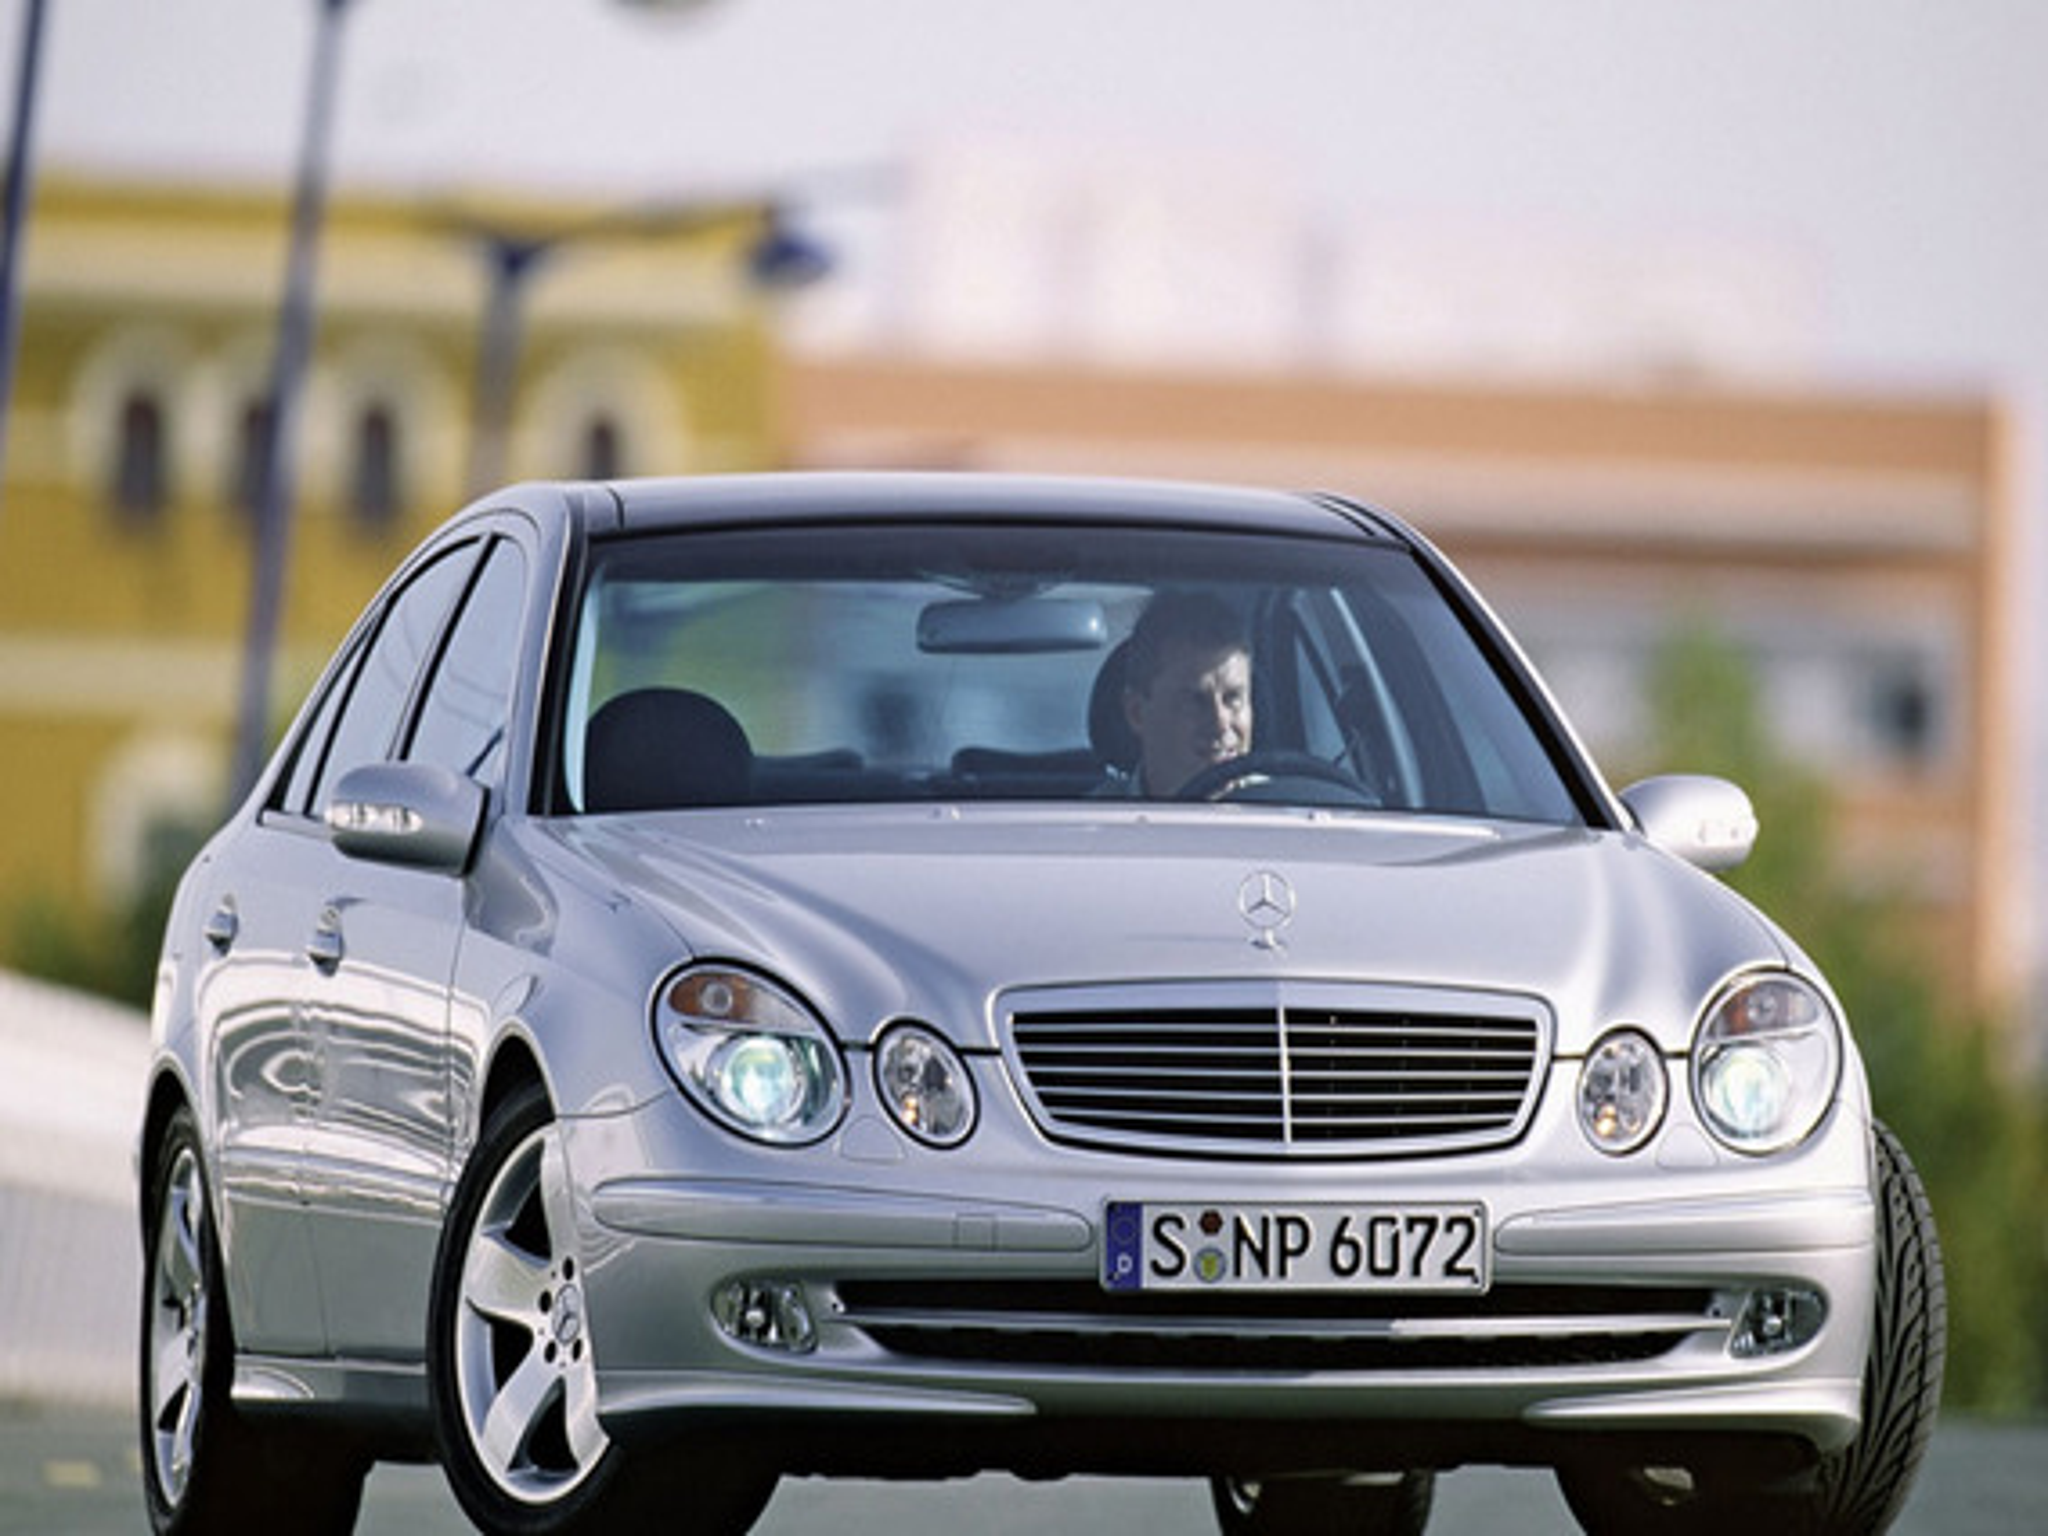 Как работает режим использования остаточного тепла двигателя в автомобиле Mercedes E-Class (W211)